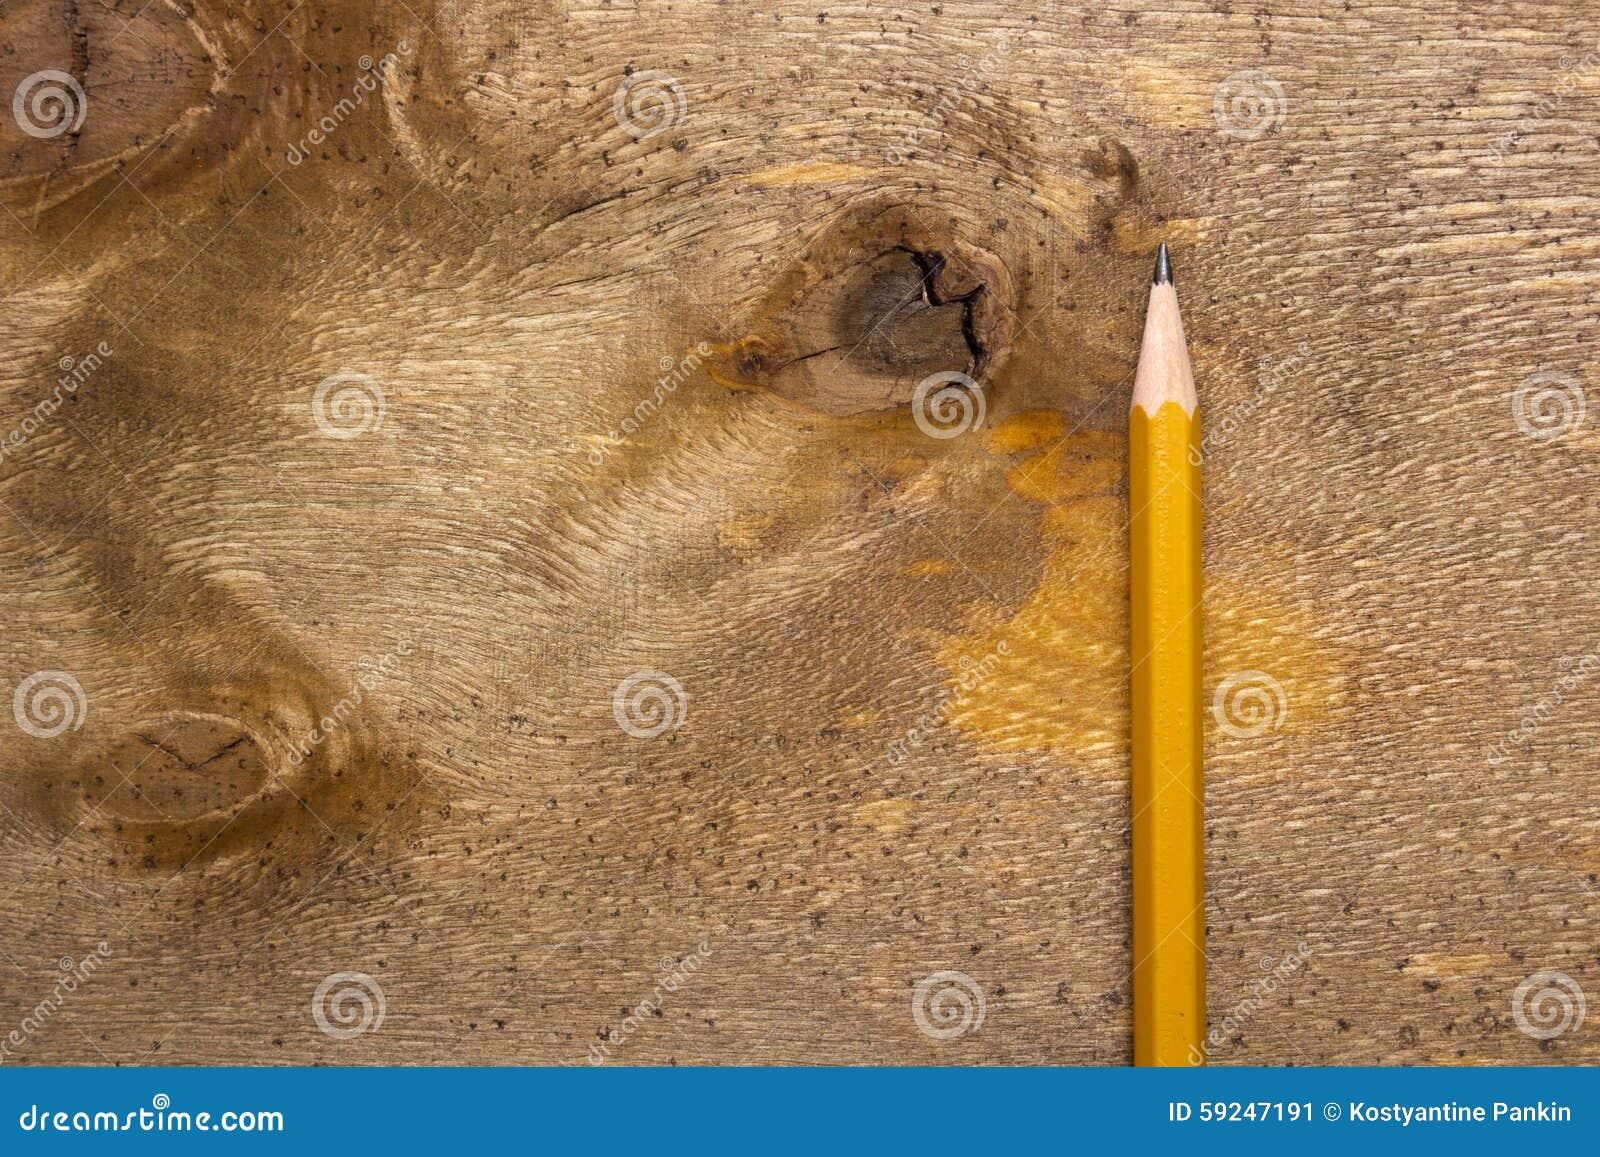 Drenaje de un lápiz